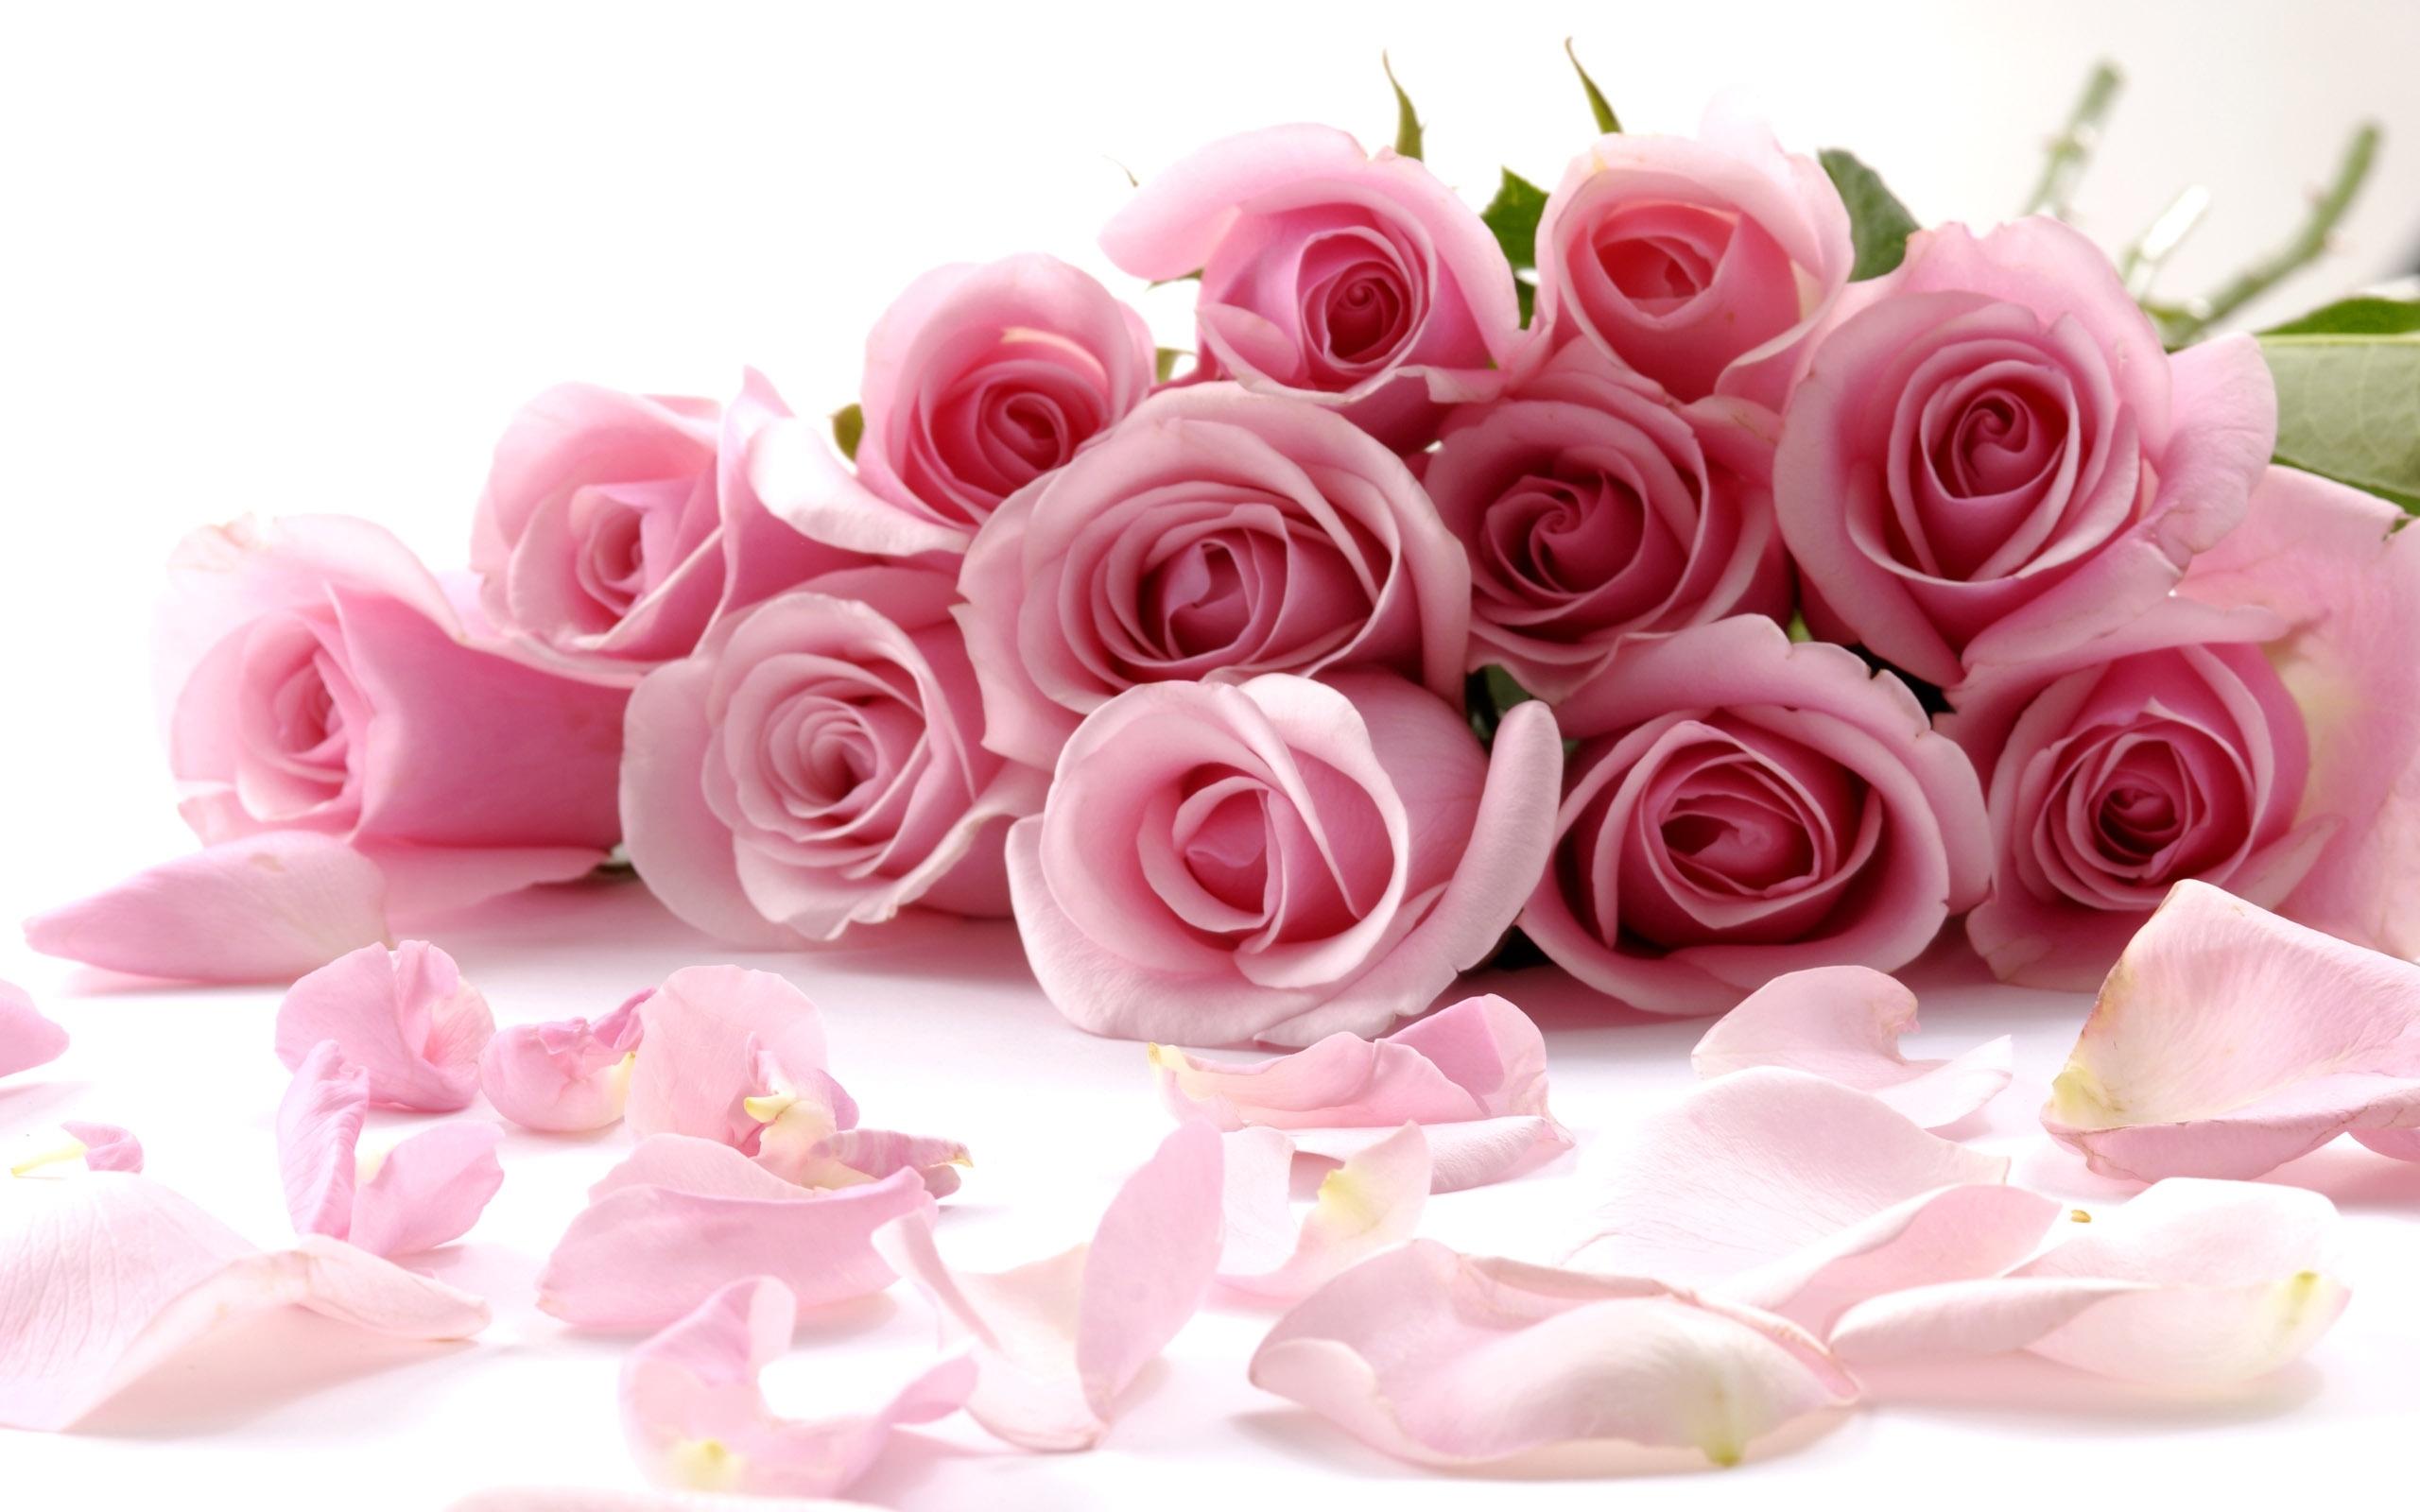 46924 скачать обои Растения, Цветы, Розы - заставки и картинки бесплатно